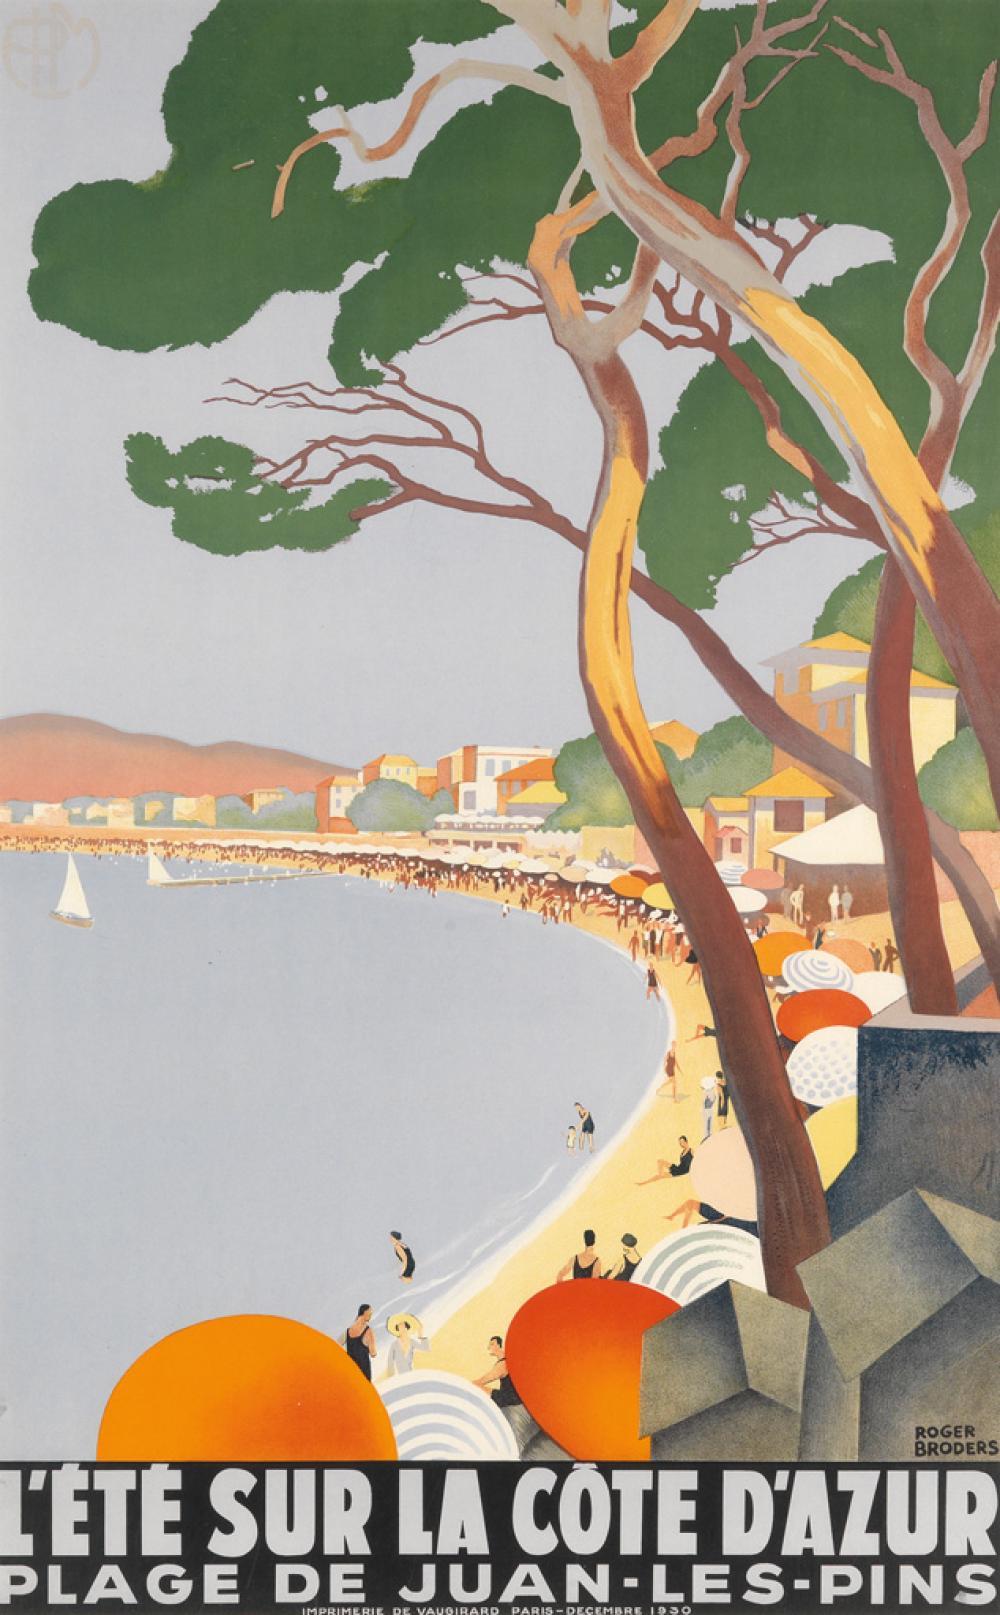 ROGER BRODERS (1883-1953). L'ÉTÉ SUR LA CÔTE D'AZUR. 1930. 39x24 inches, 99x62 cm. Vaugirard, Paris.